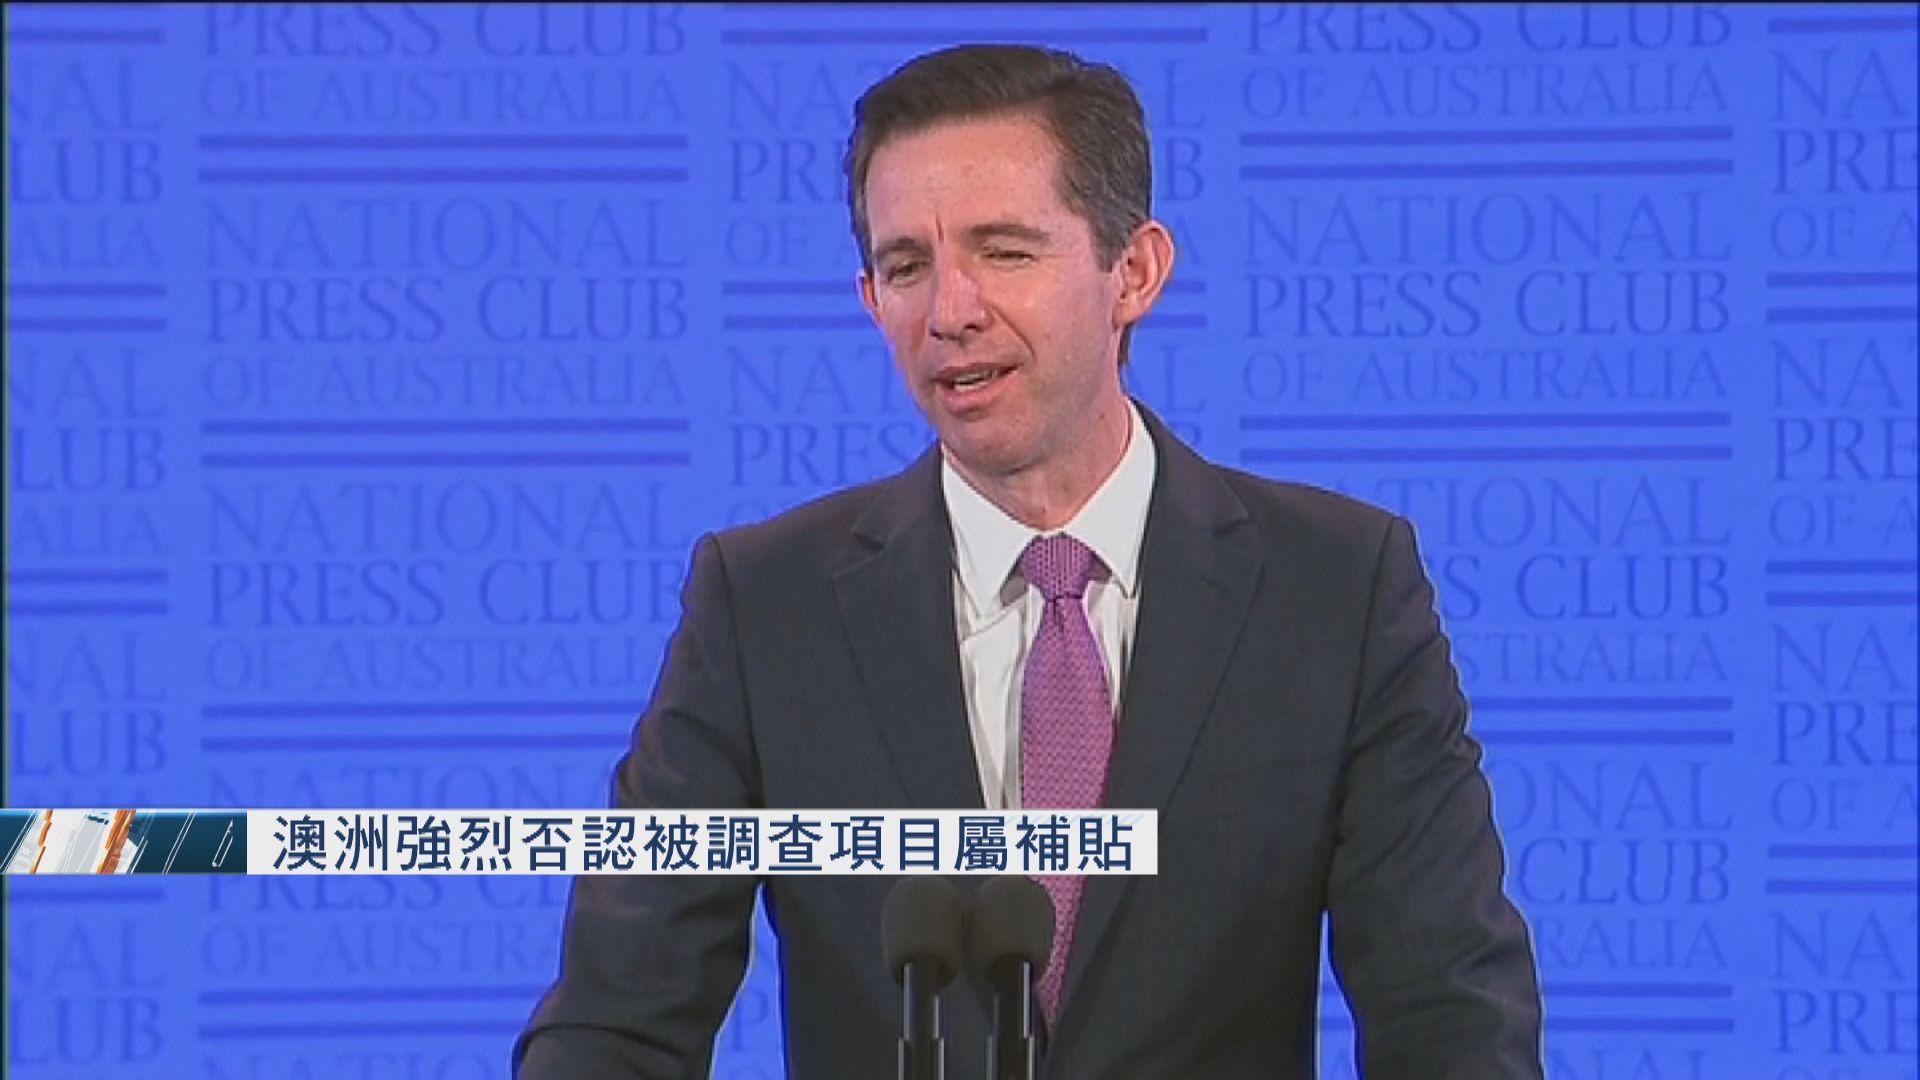 中國對澳洲葡萄酒作反補貼調查 澳否認相關項目屬補貼